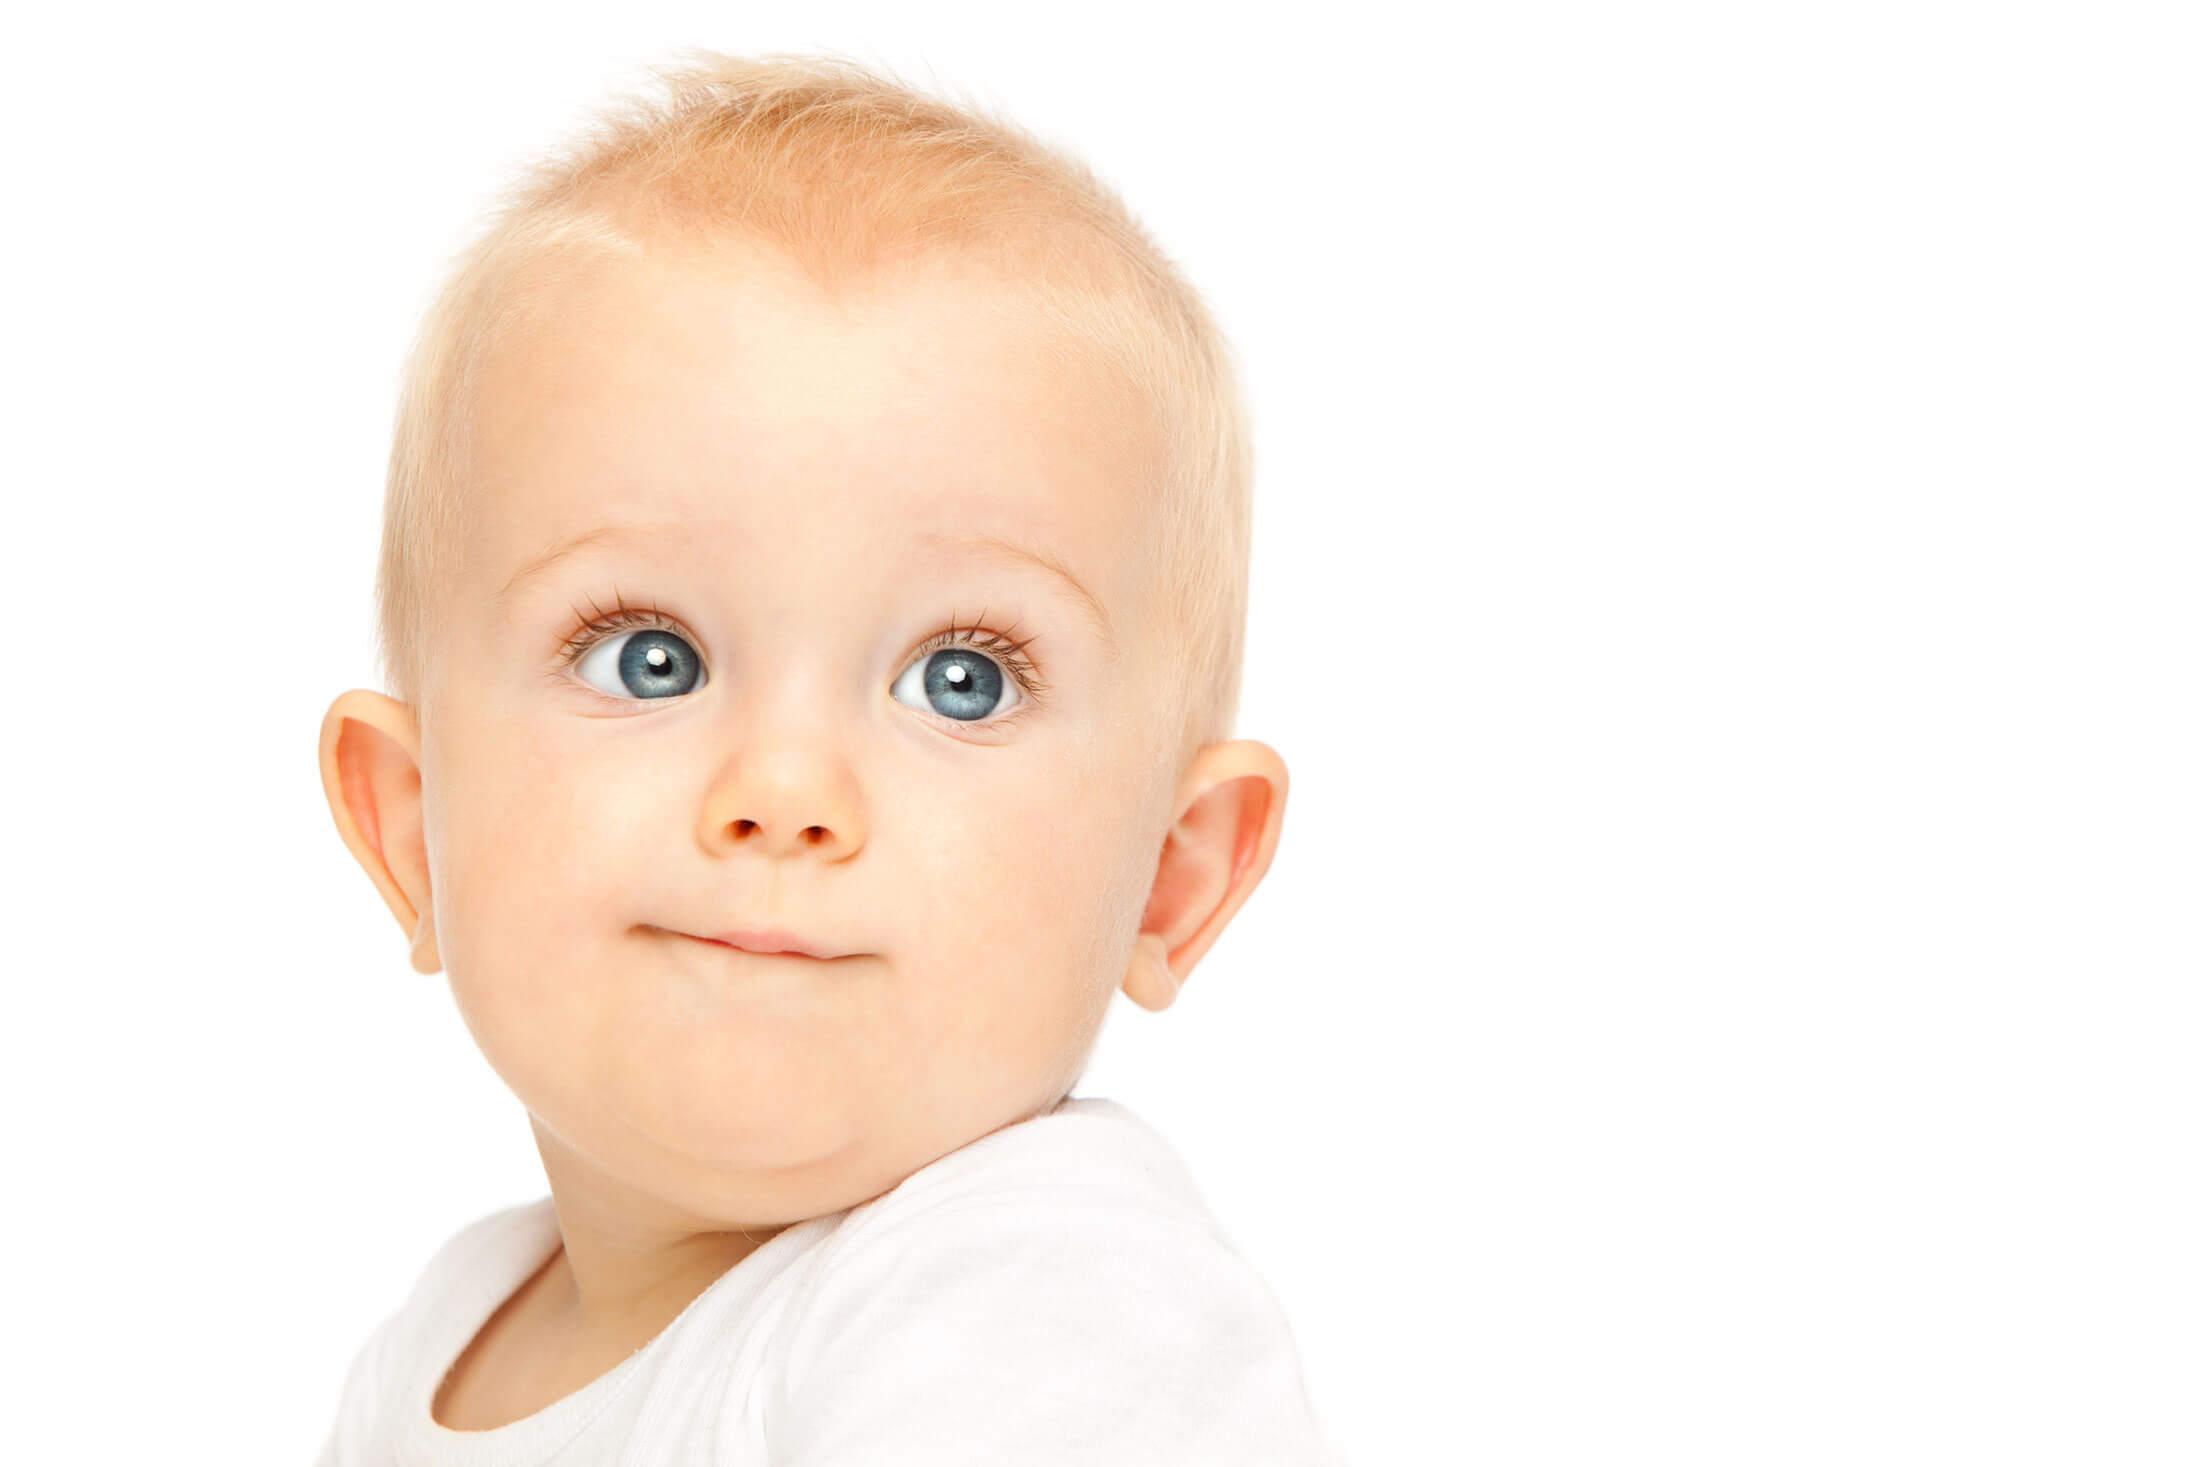 Advizi - La photo représente un bébé blond aux yeux bleus. Elle est sur fond blanc